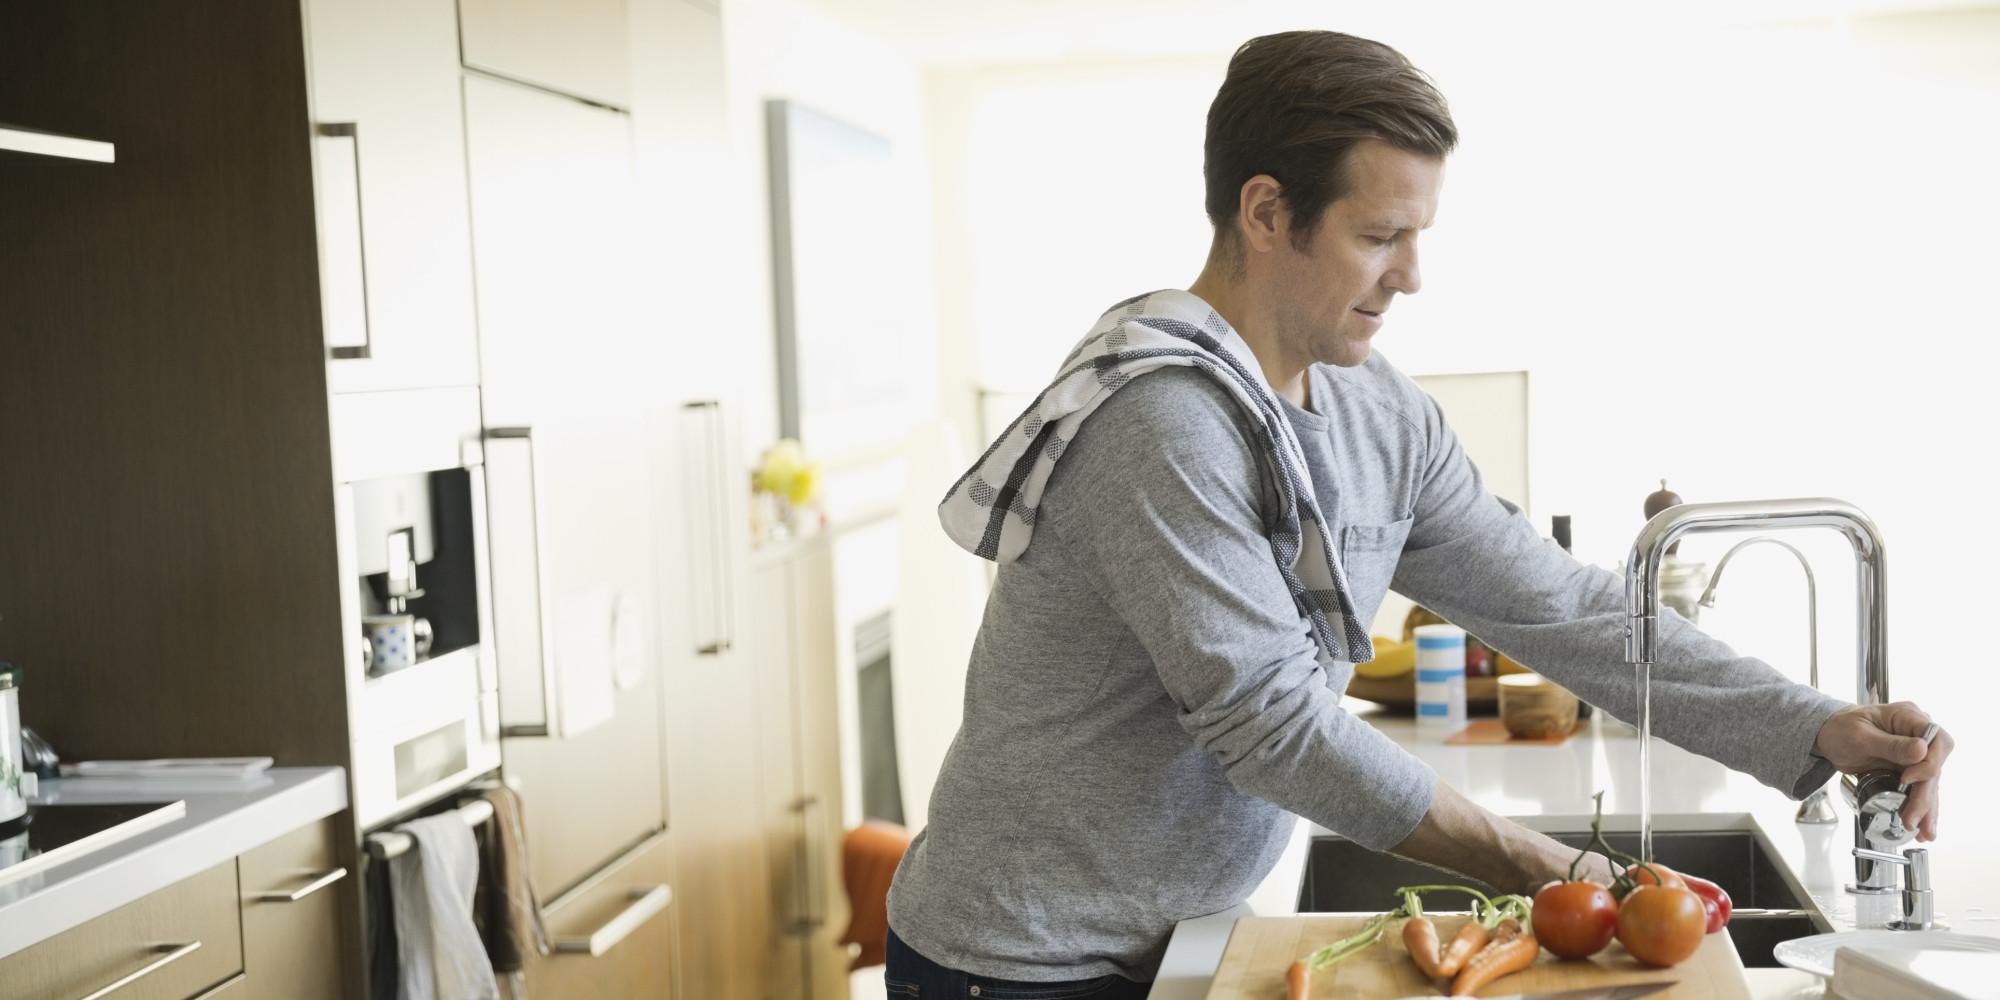 Man washing vegetables in kitchen